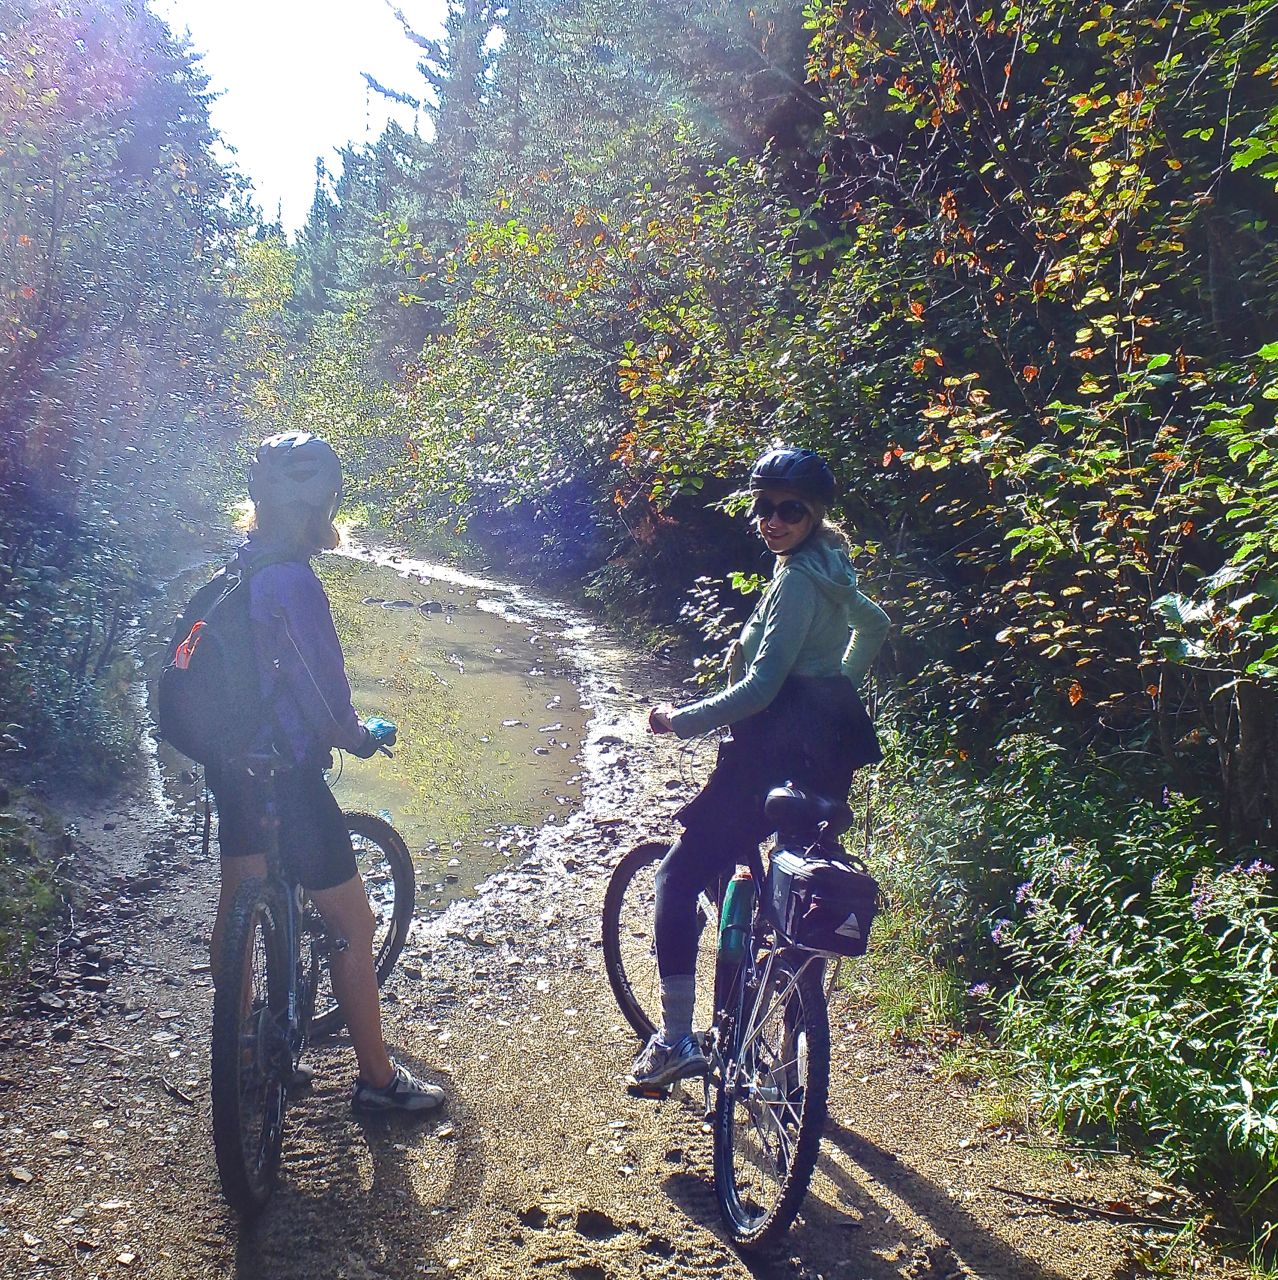 Mountain Biking Through The Monashees On The Kettle Valley Railway